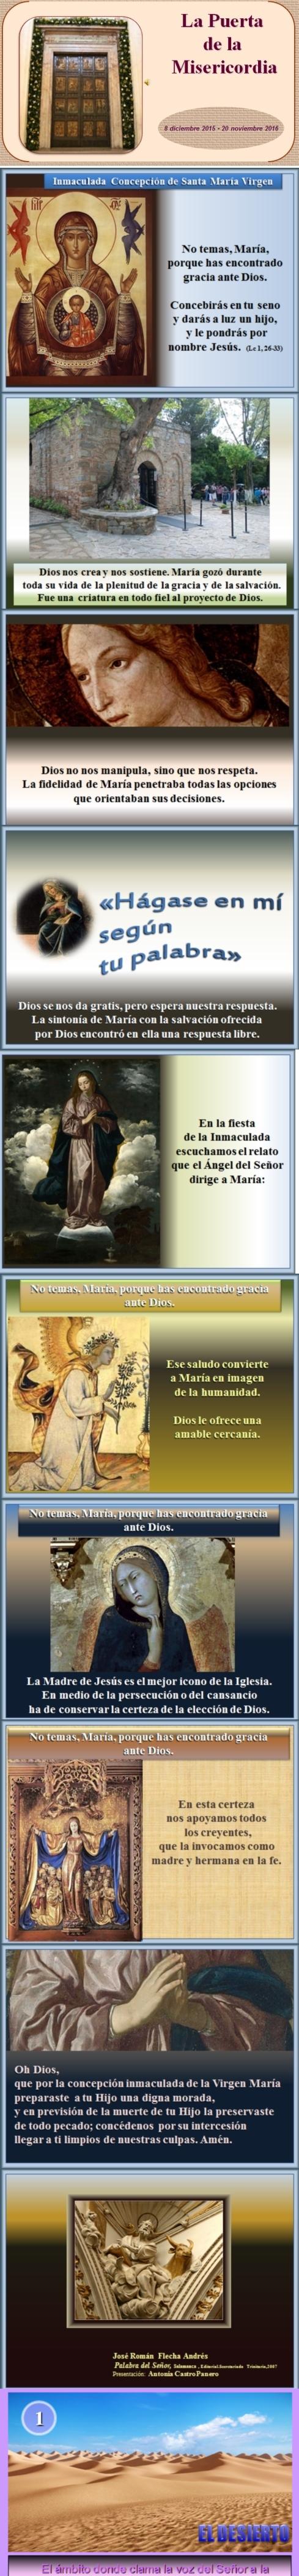 20151206062633-inmaculada-concepcion-puerta-de-la-misericordia.jpg